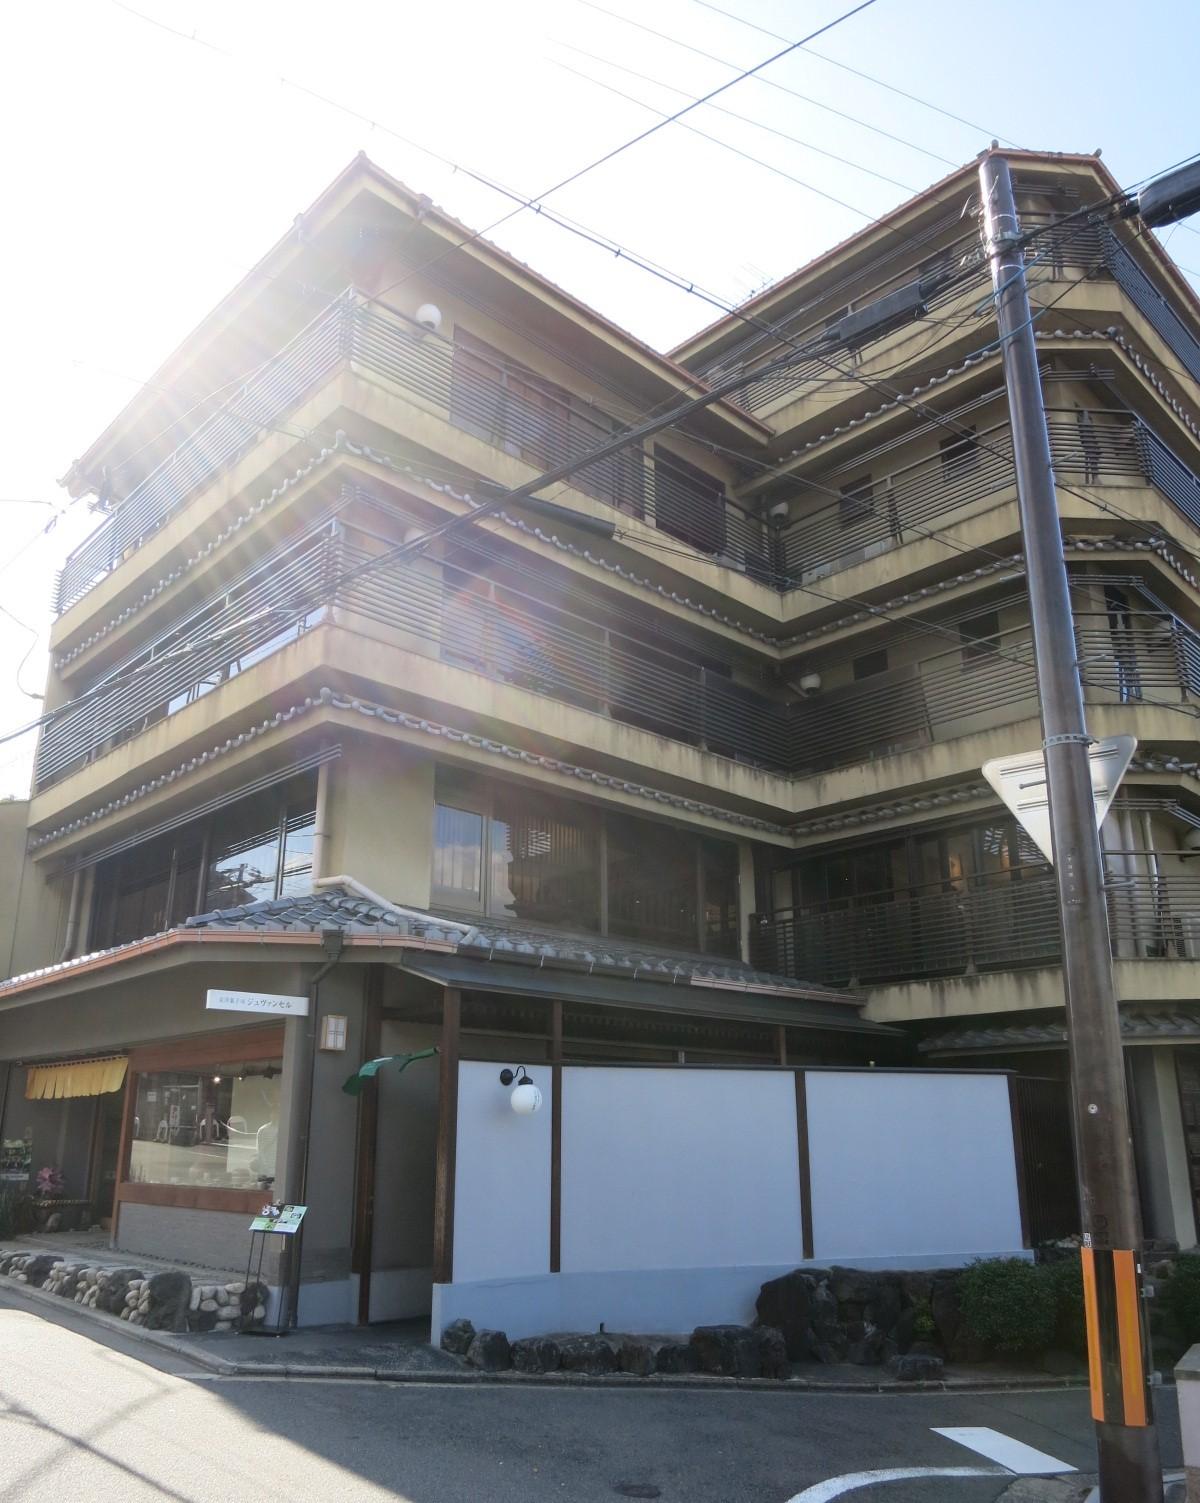 京都で朝活③ 京洋菓子司ジュヴァンセル*スイーツカフェ_f0236260_1385833.jpg